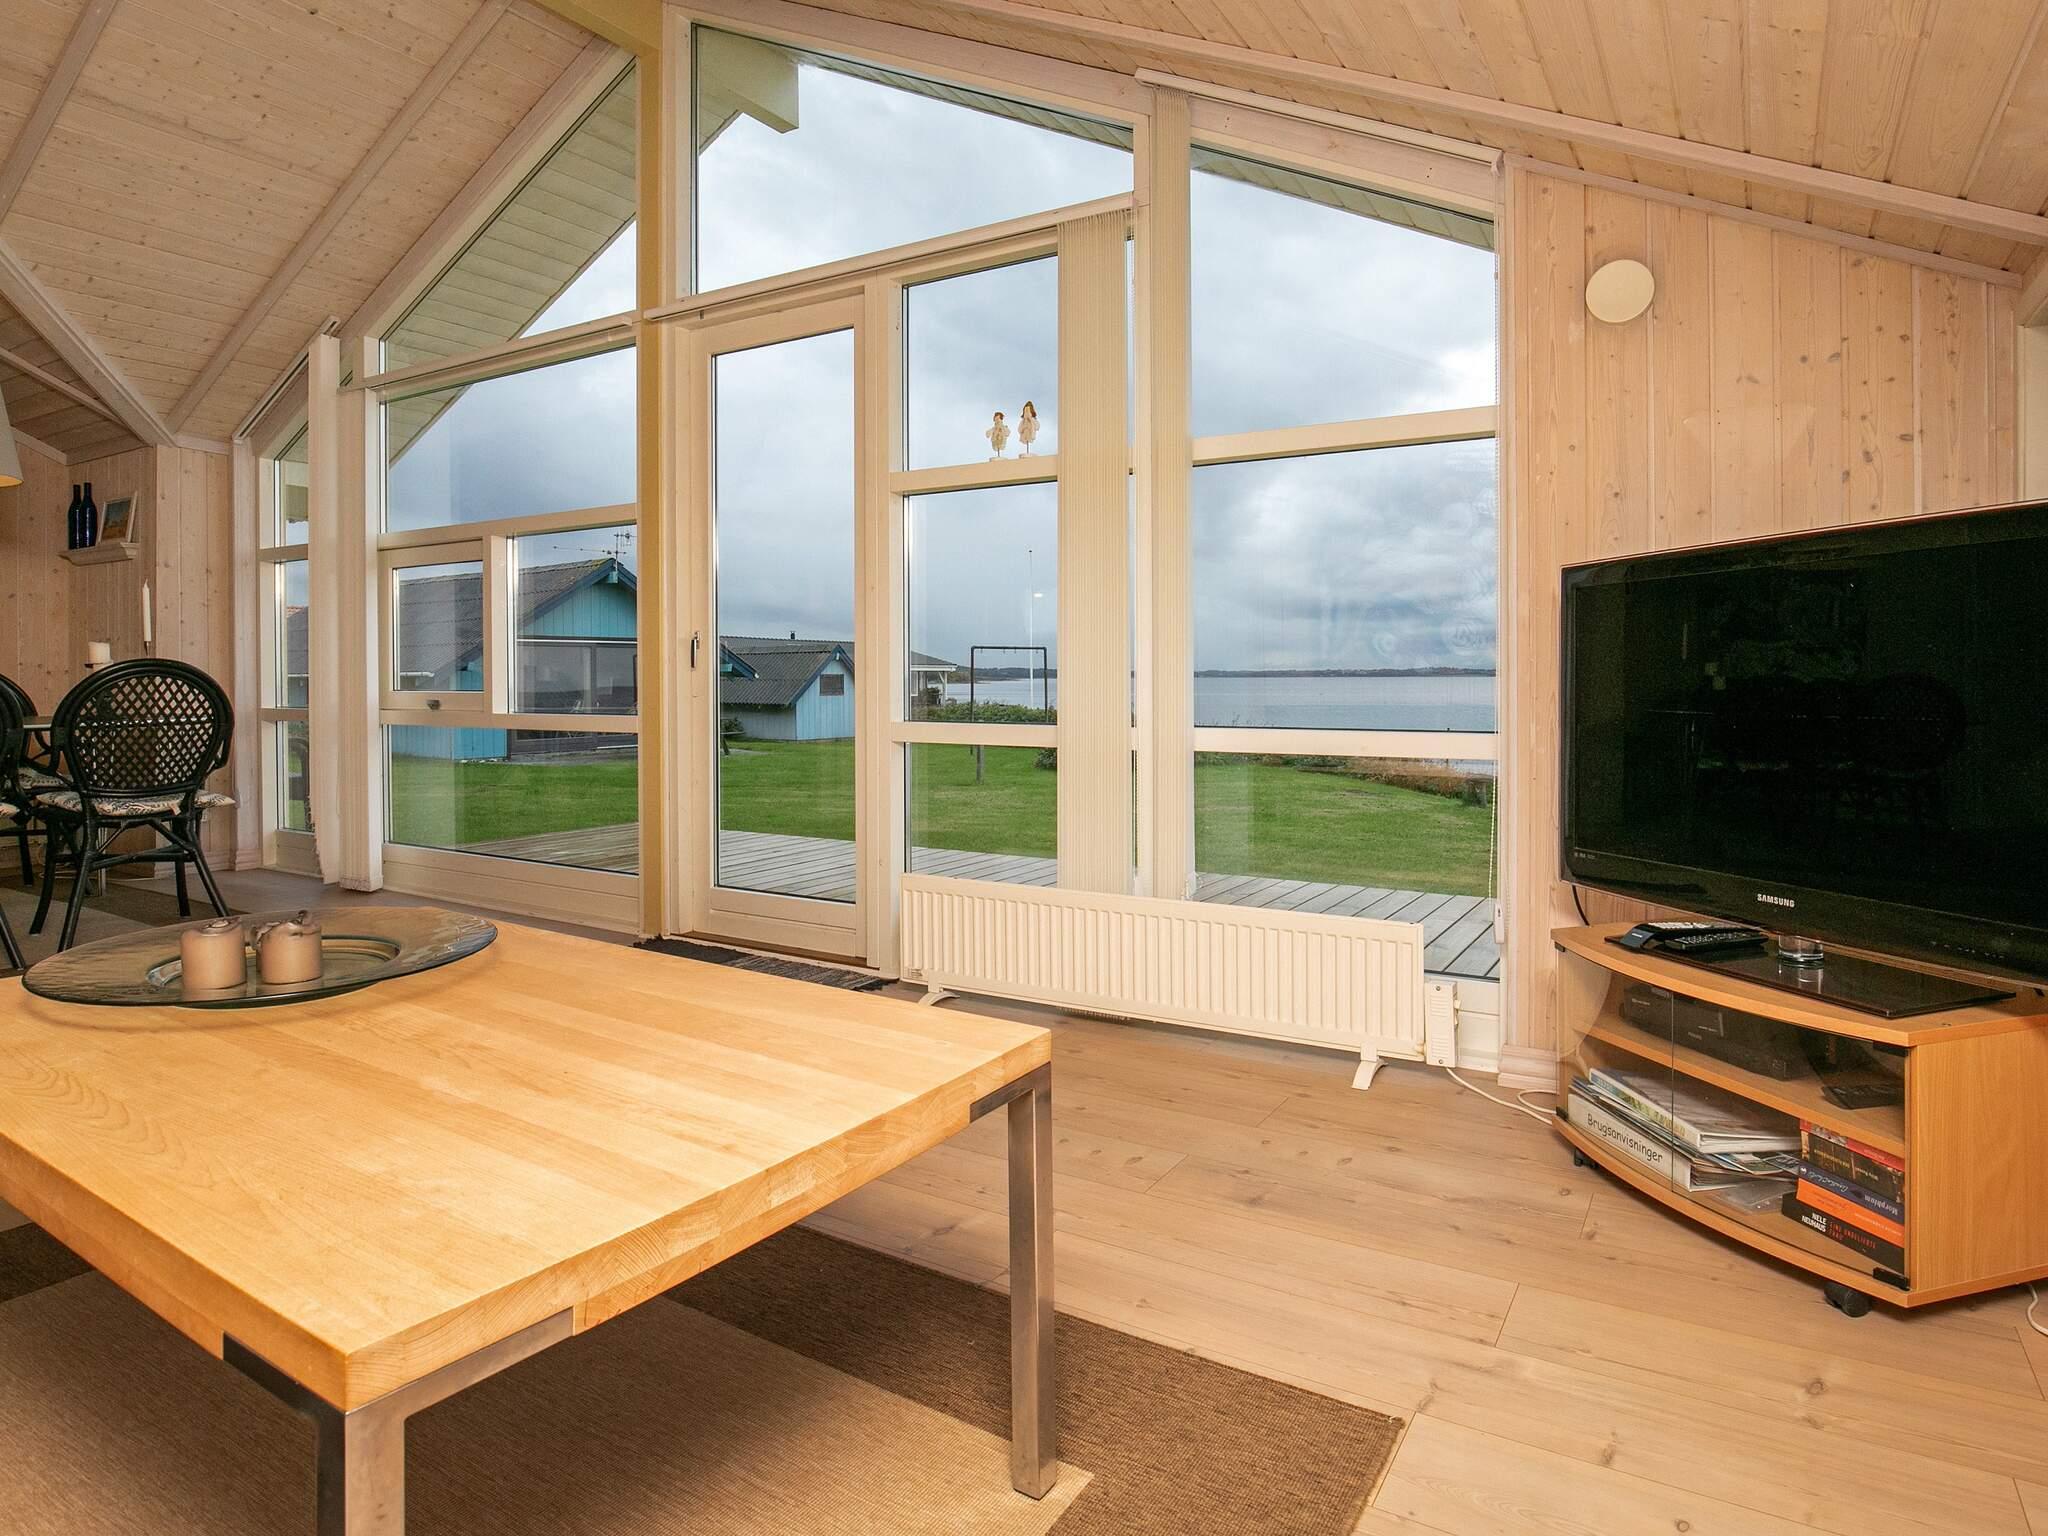 Ferienhaus Handbjerg (331046), Handbjerg, , Westjütland, Dänemark, Bild 3